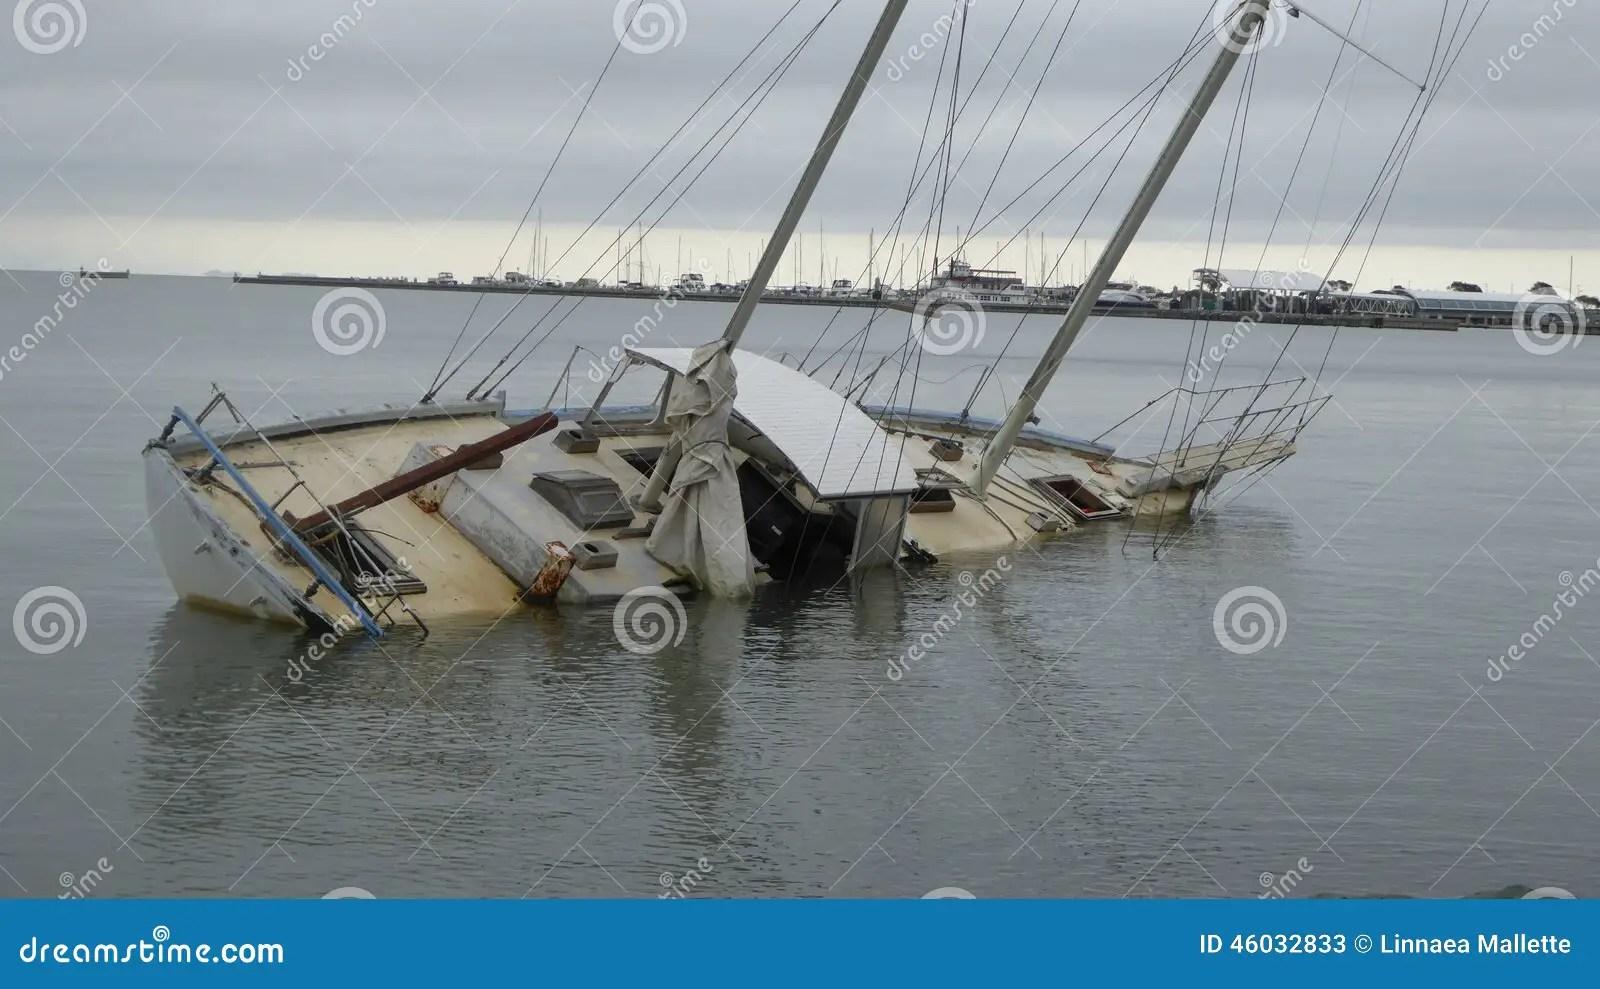 Sinking Ship Stock Image Image Of Sinking Sail Days